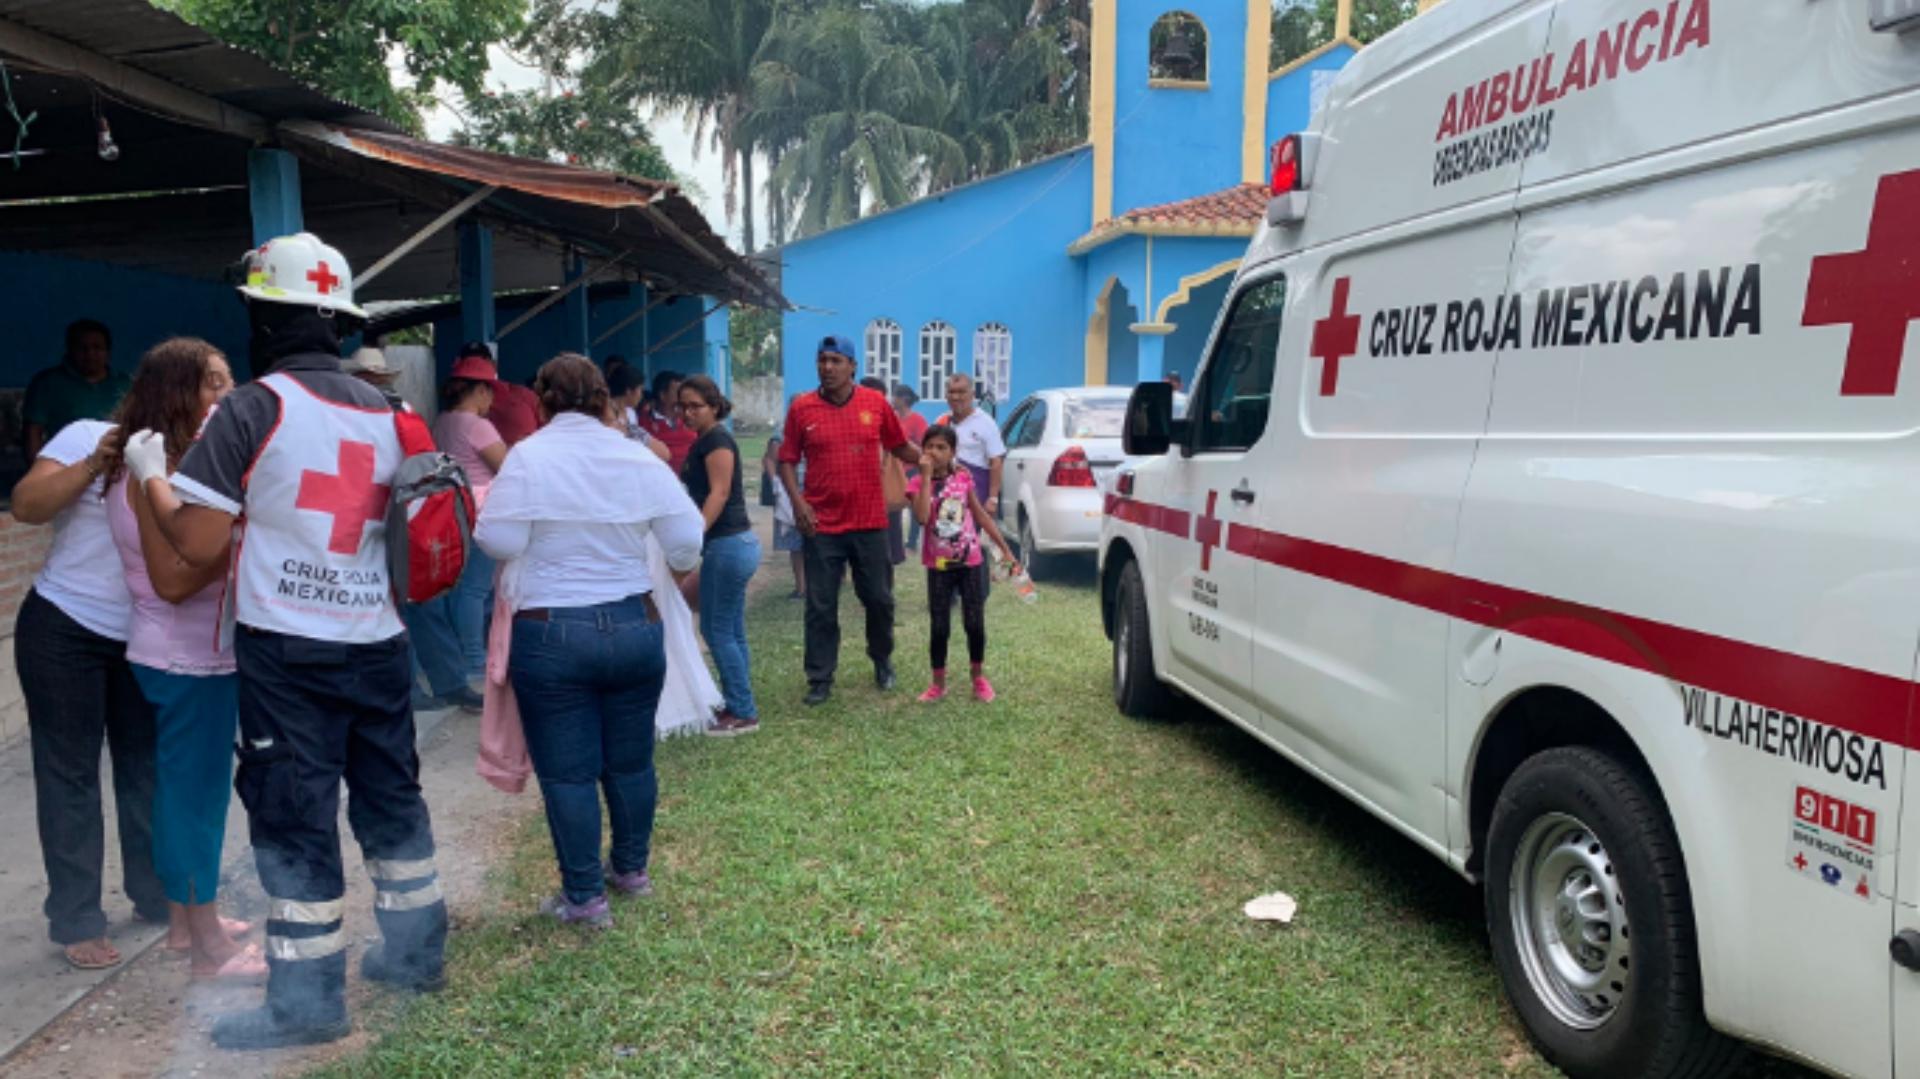 El hecho se dio en la capital del estado, Villahermosa (Foto: Twitter)